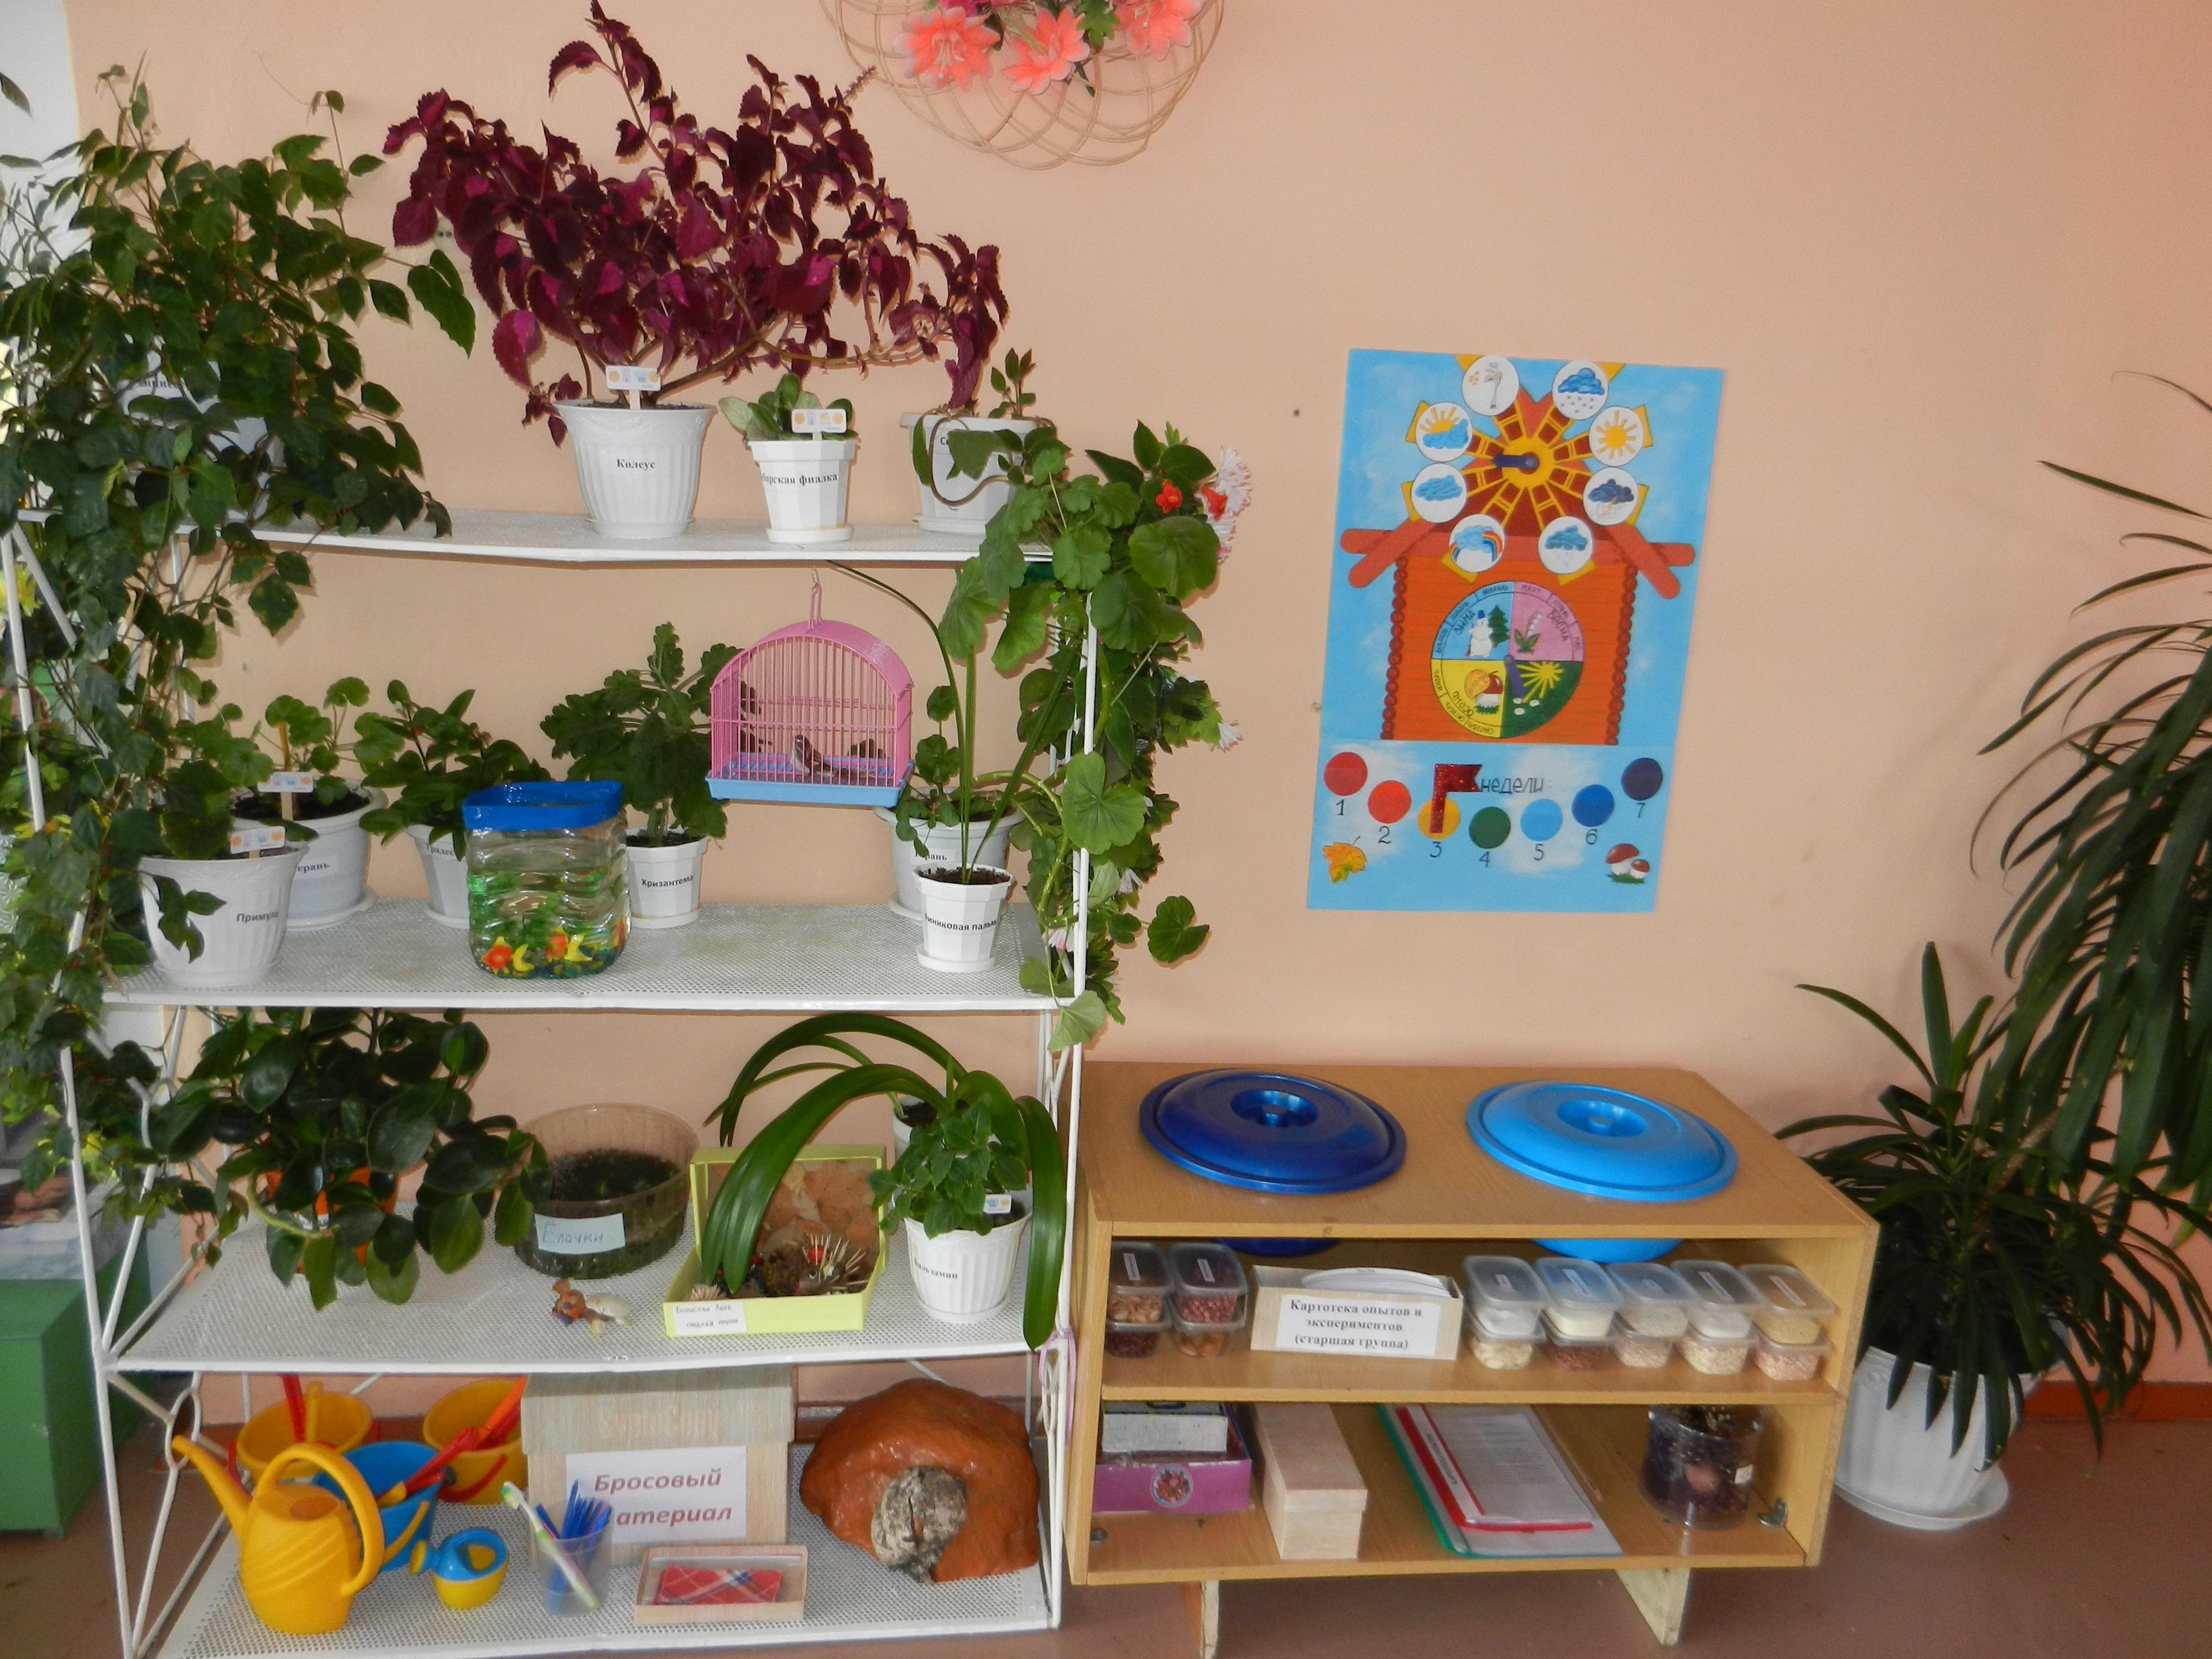 Как оформить уголок природы в детском саду своими руками